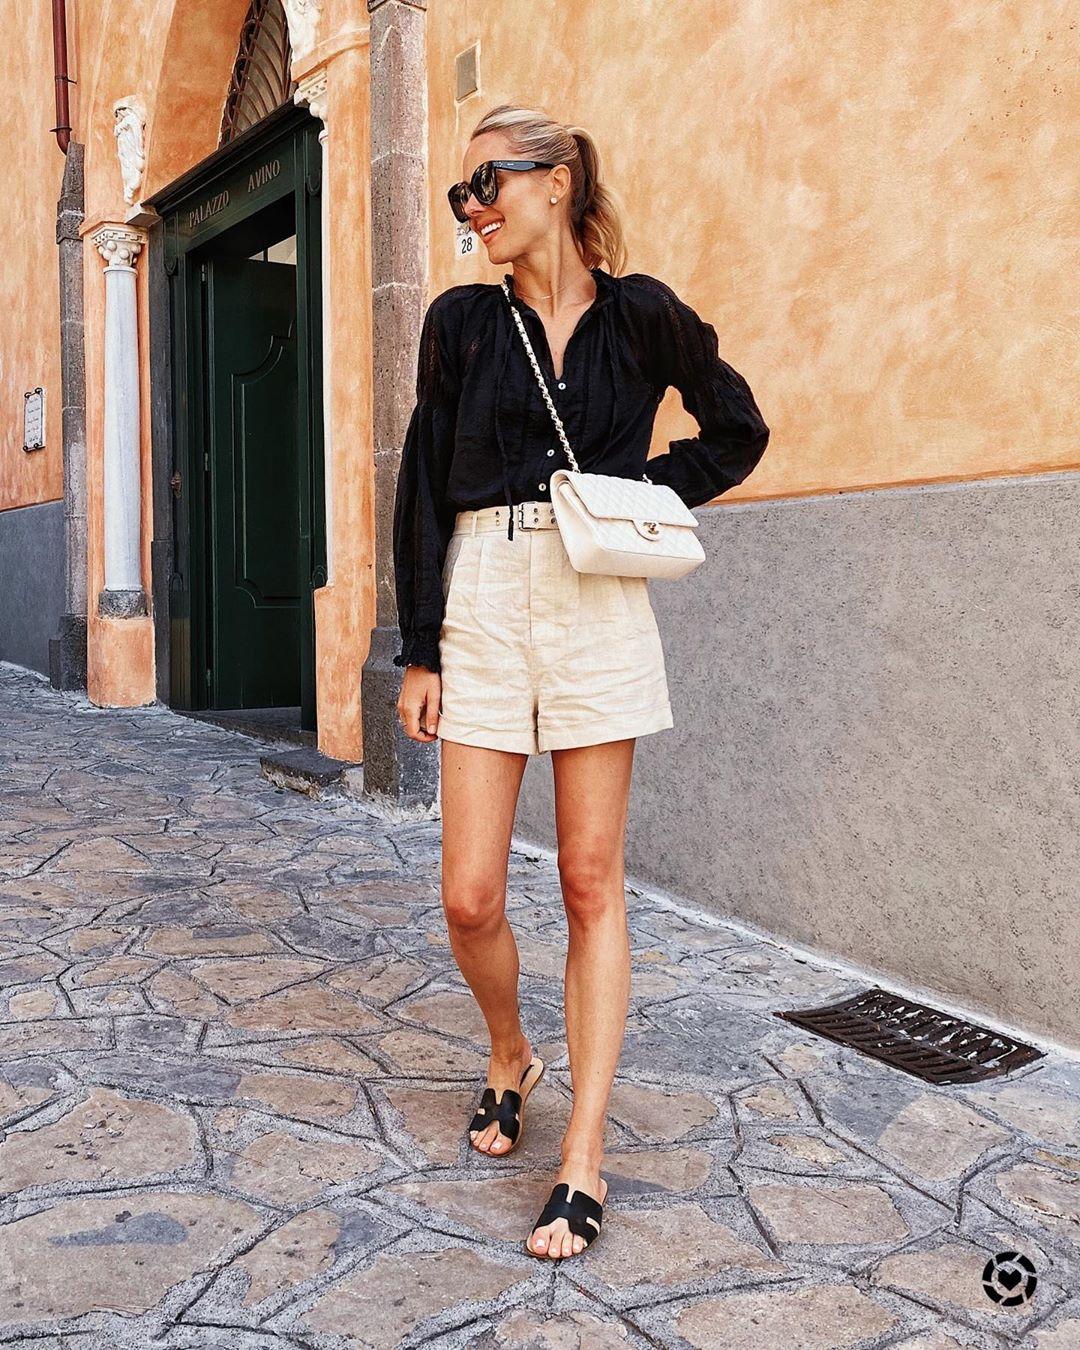 Летние женские шорты 2021-2022 в актуальных моделях и стильных образах